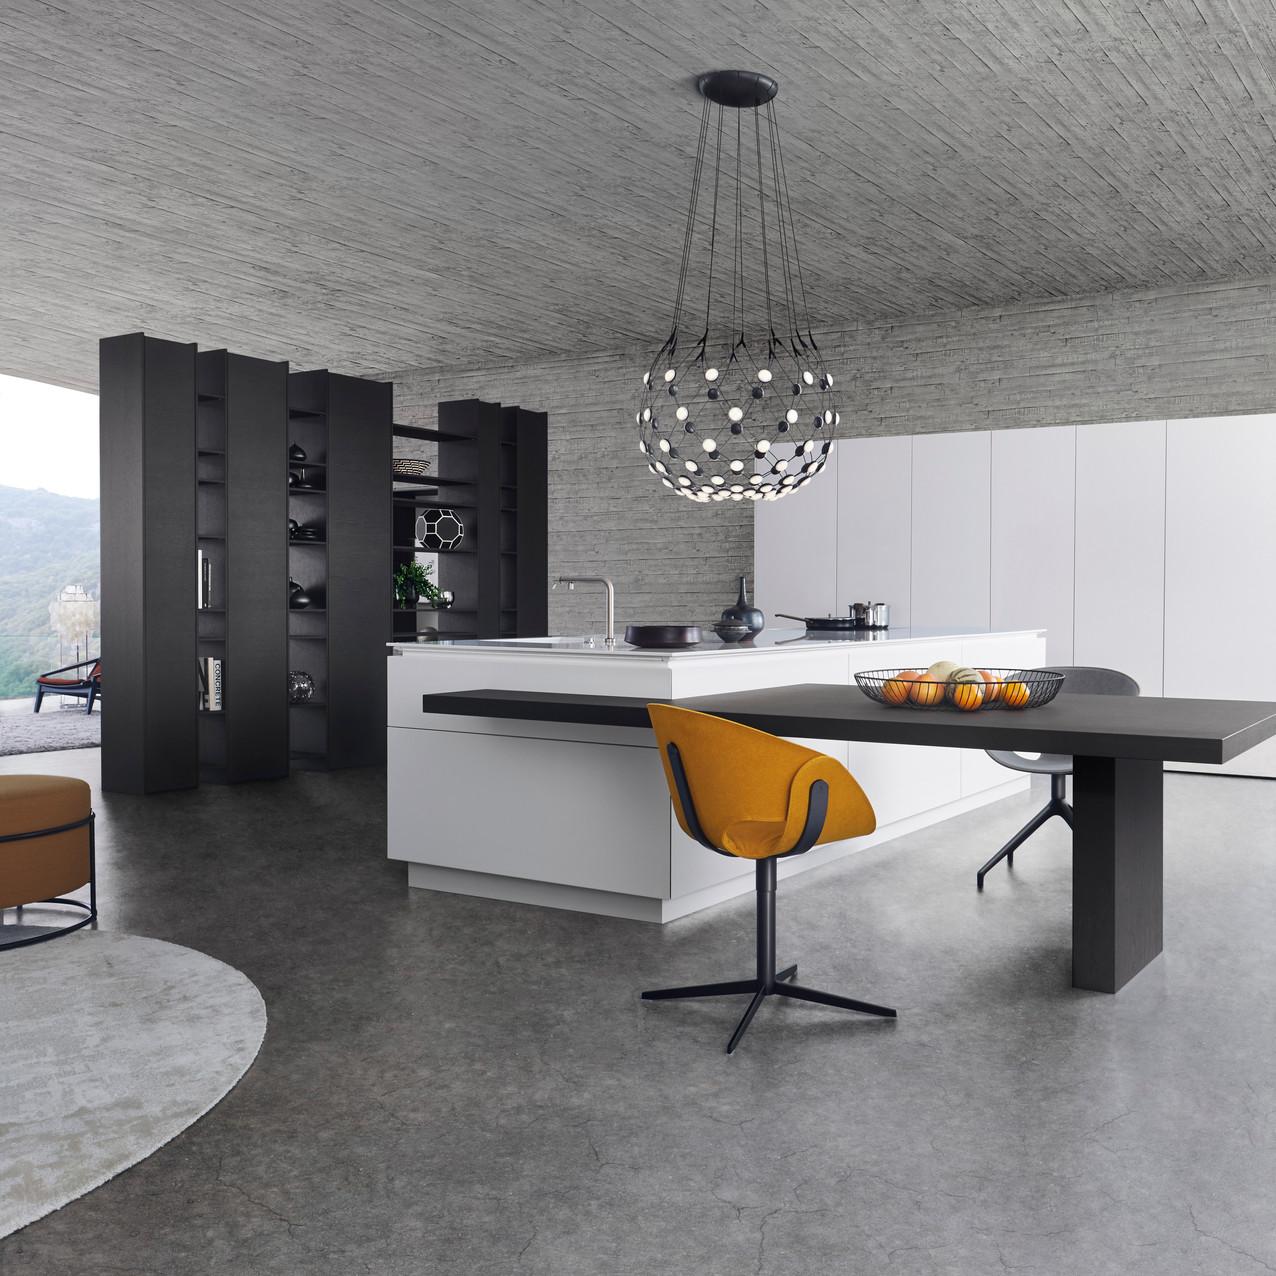 Leicht Classic FS kitchen